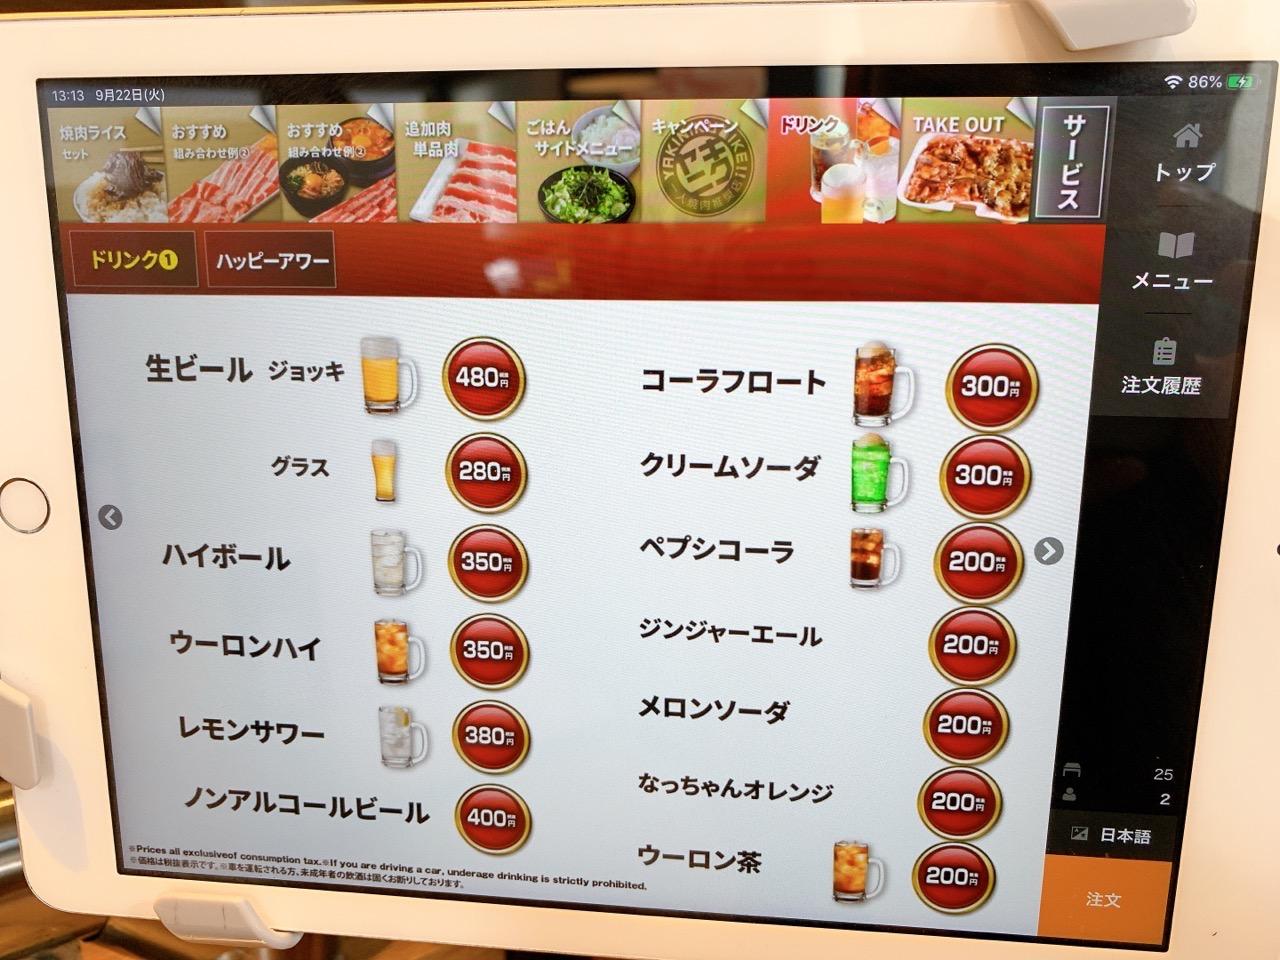 焼肉ライク 松戸南花島店のメニュー